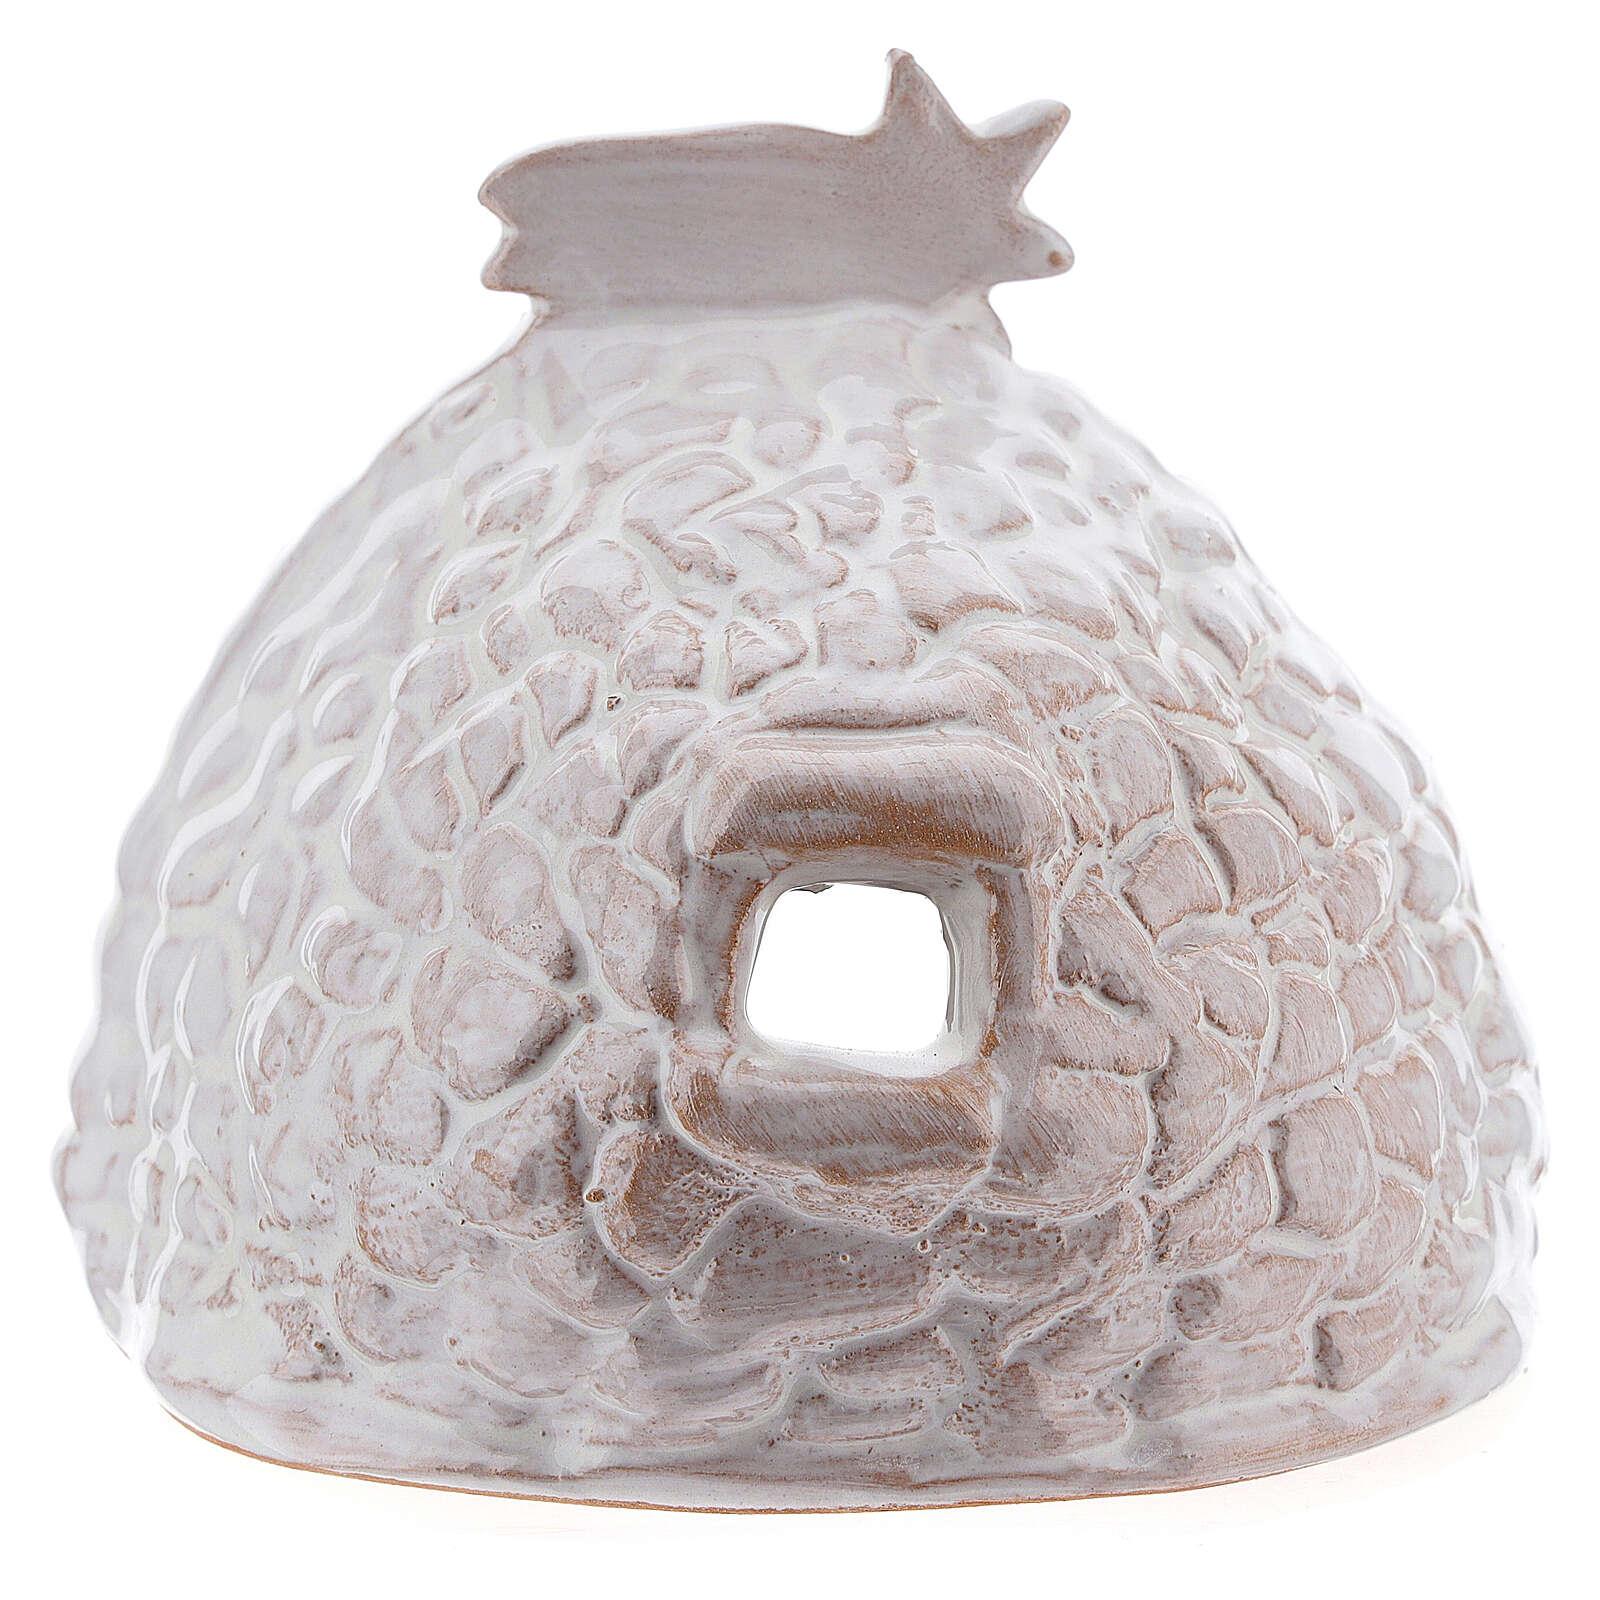 Capanna effetto sasso Natività terracotta bianca Deruta 10 cm 4